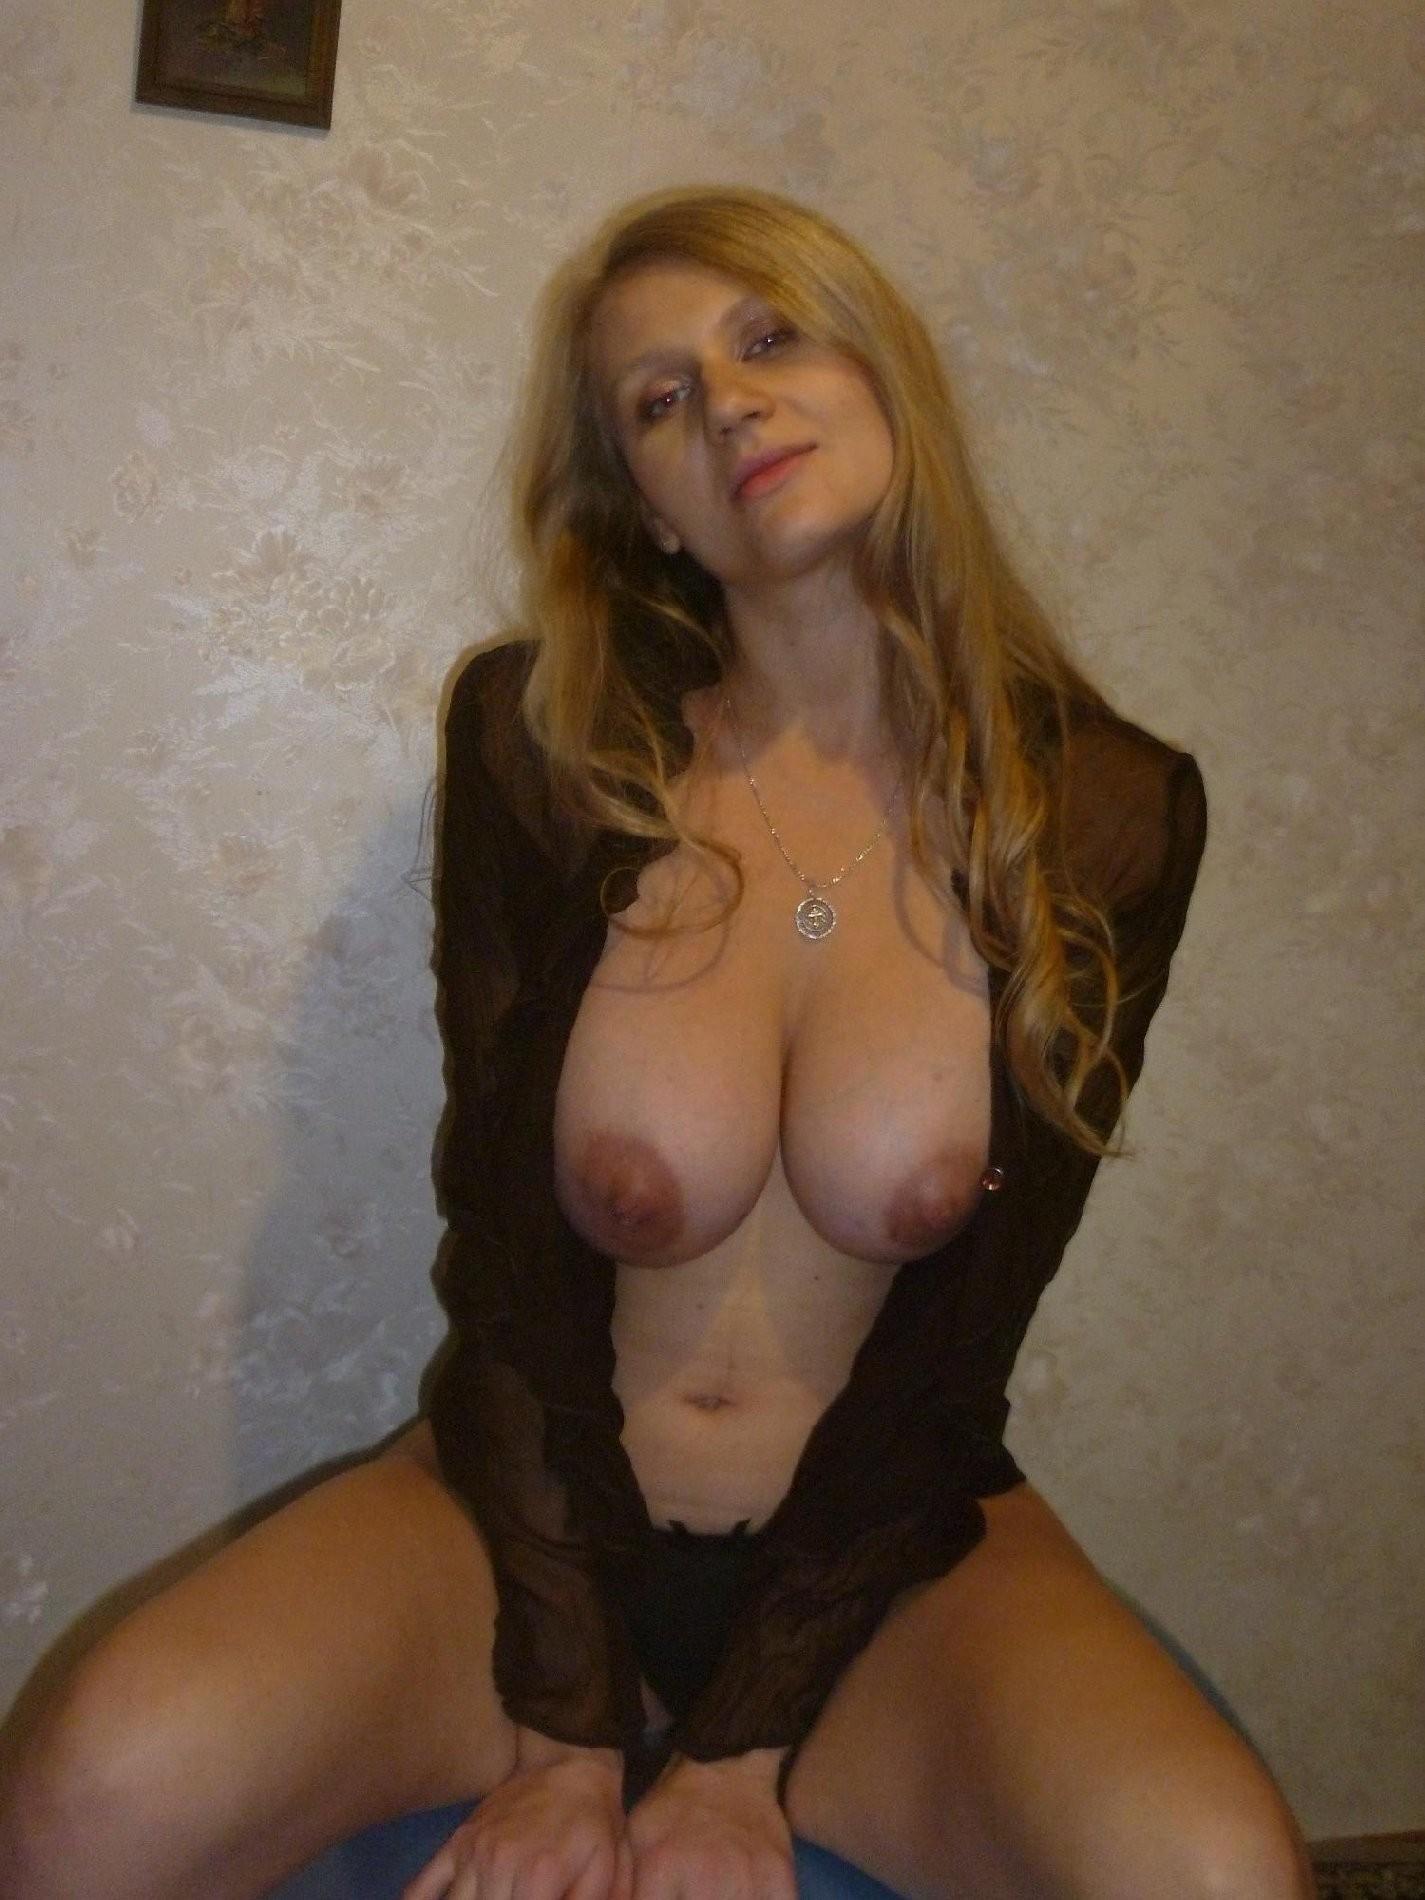 Частные фото груди женщин 29 фотография